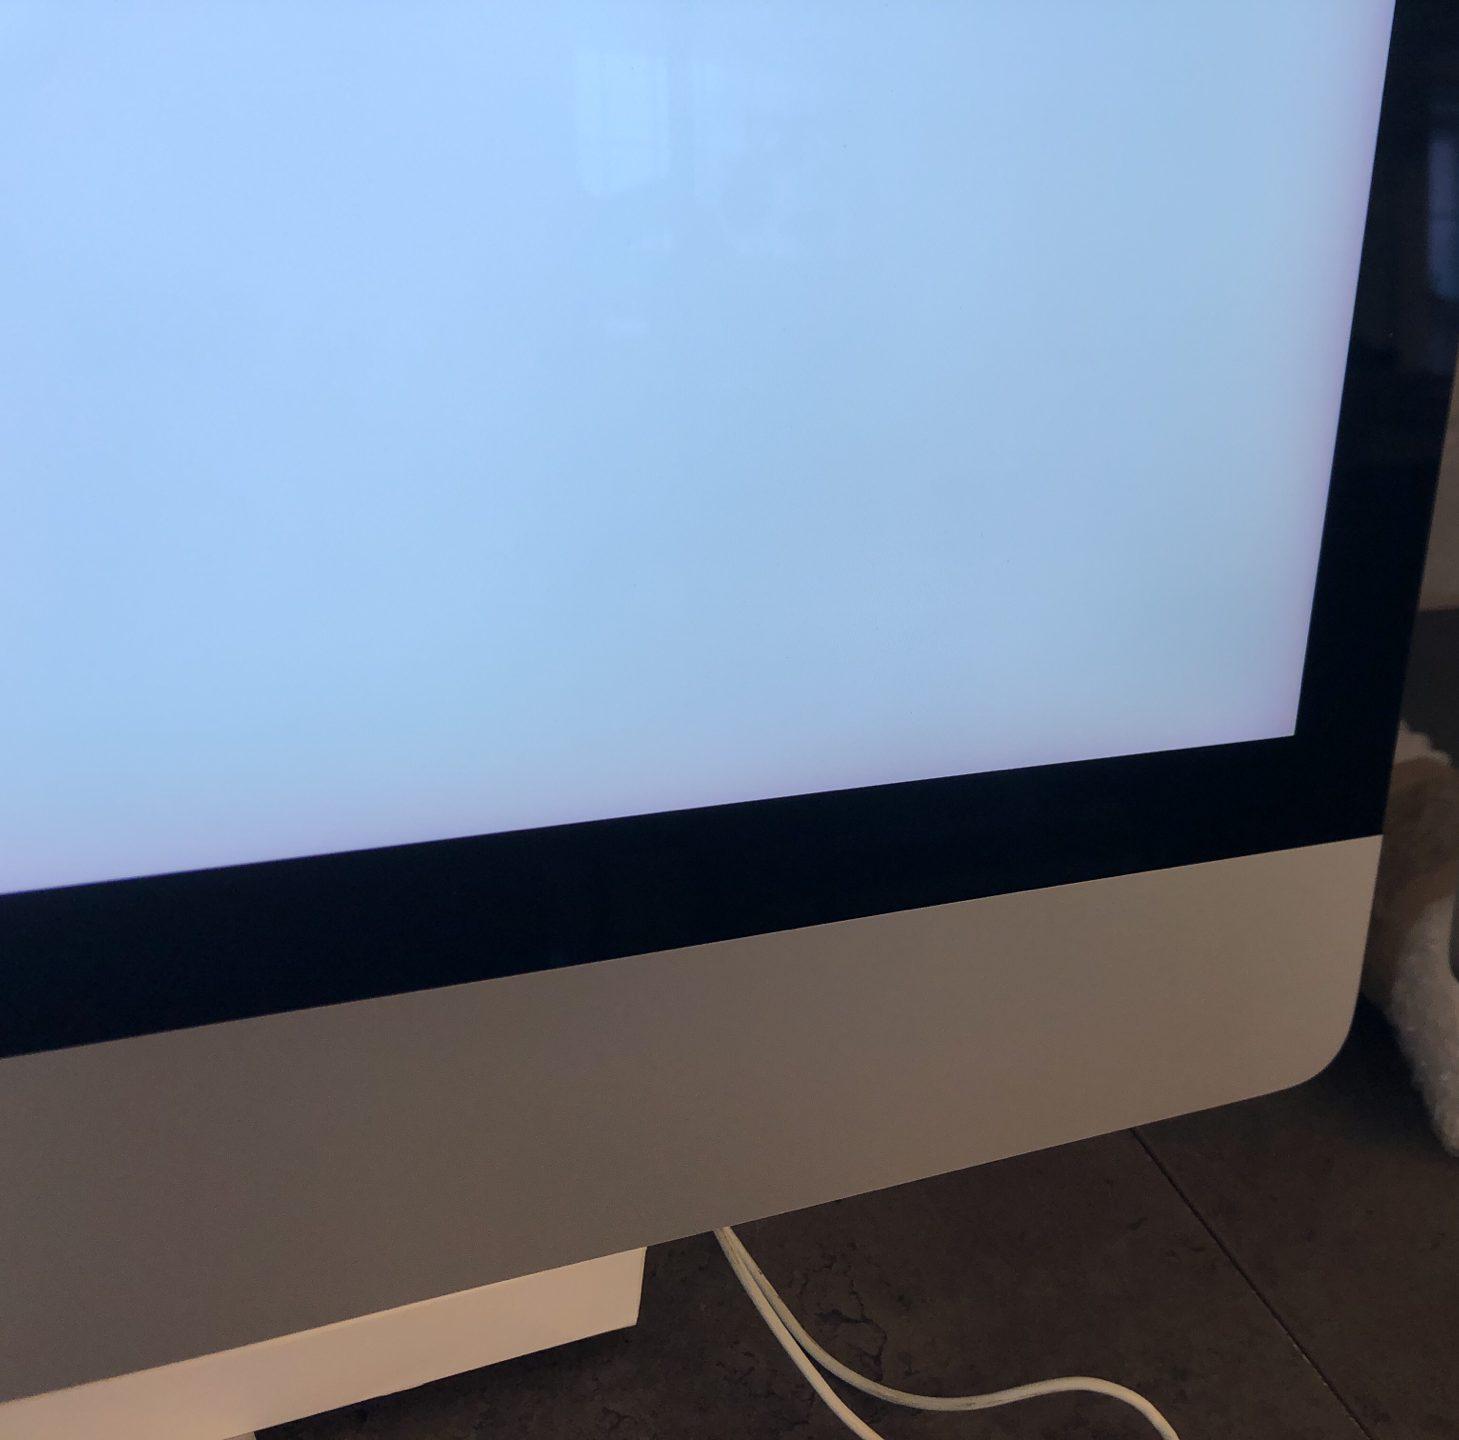 """iMac 27"""" Retina 5K Mid 2015 (Intel Quad-Core i5 3.3 GHz 32 GB RAM 3 TB Fusion Drive), Intel Quad-Core i5 3.3 GHz, 32 GB RAM, 3 TB Fusion Drive, Kuva 3"""